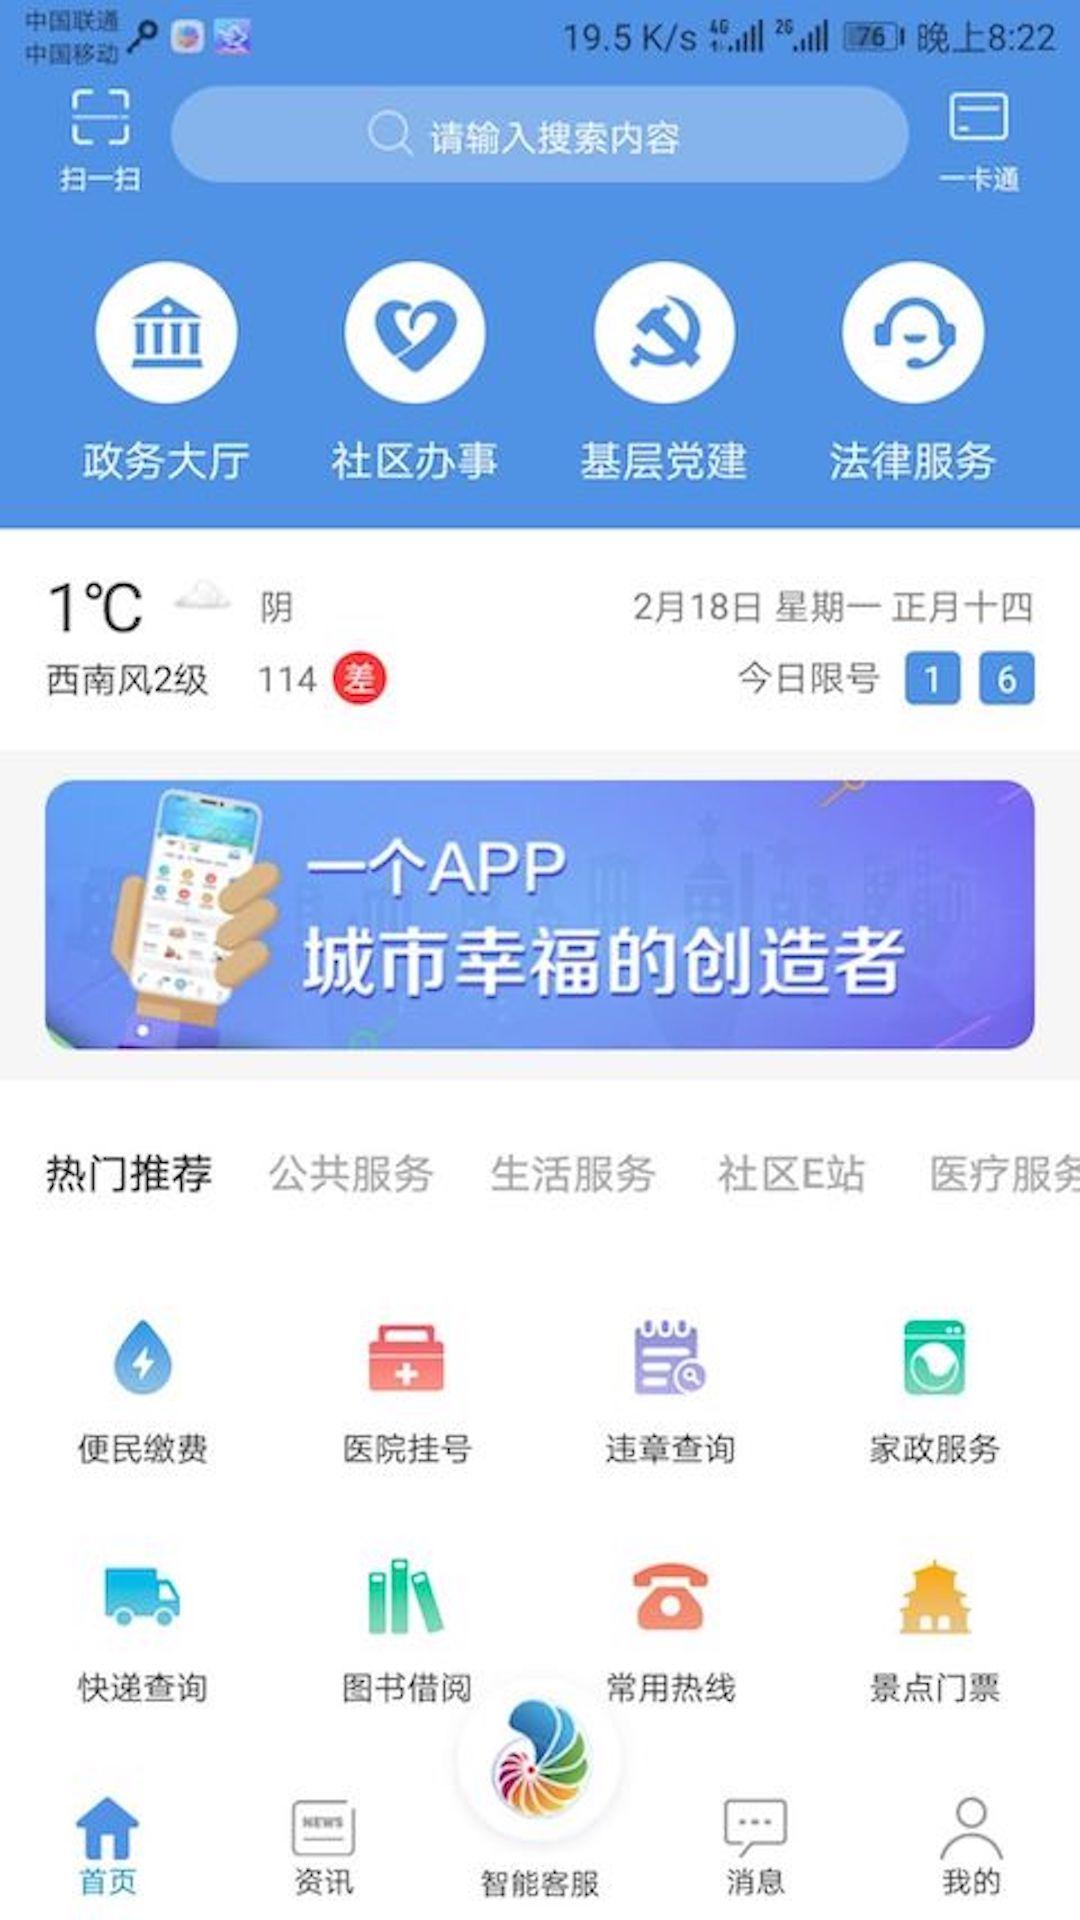 幸福秦皇岛手机版下载(暂未上线)